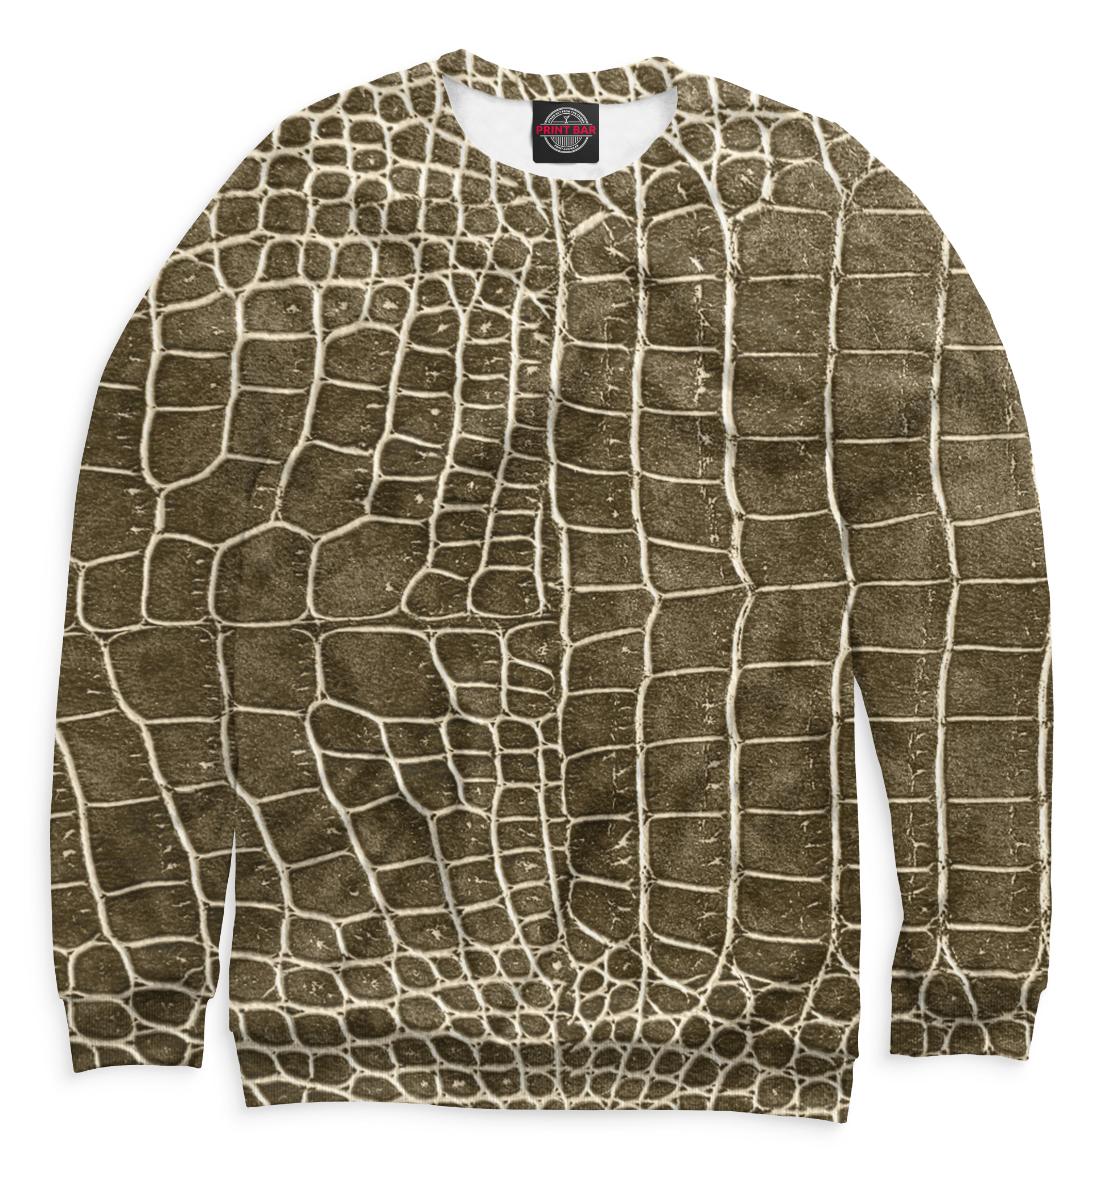 Купить Крокодил, Printbar, Свитшоты, OKR-951412-swi-2